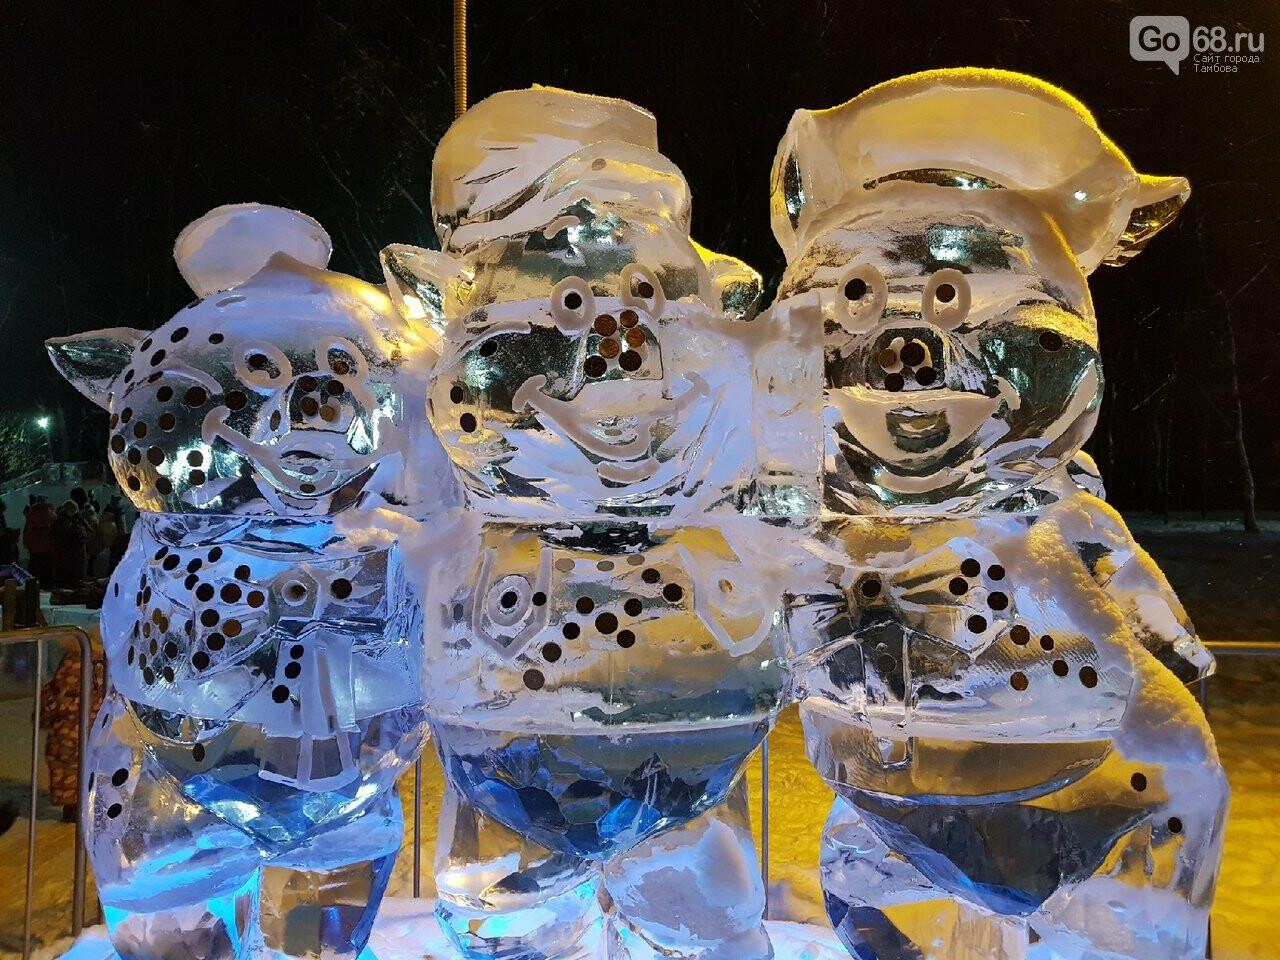 Бал-маскарад, фокусы и катание на коньках – Усадьба Асеевых в Тамбове готовится к новогодним праздникам, фото-2